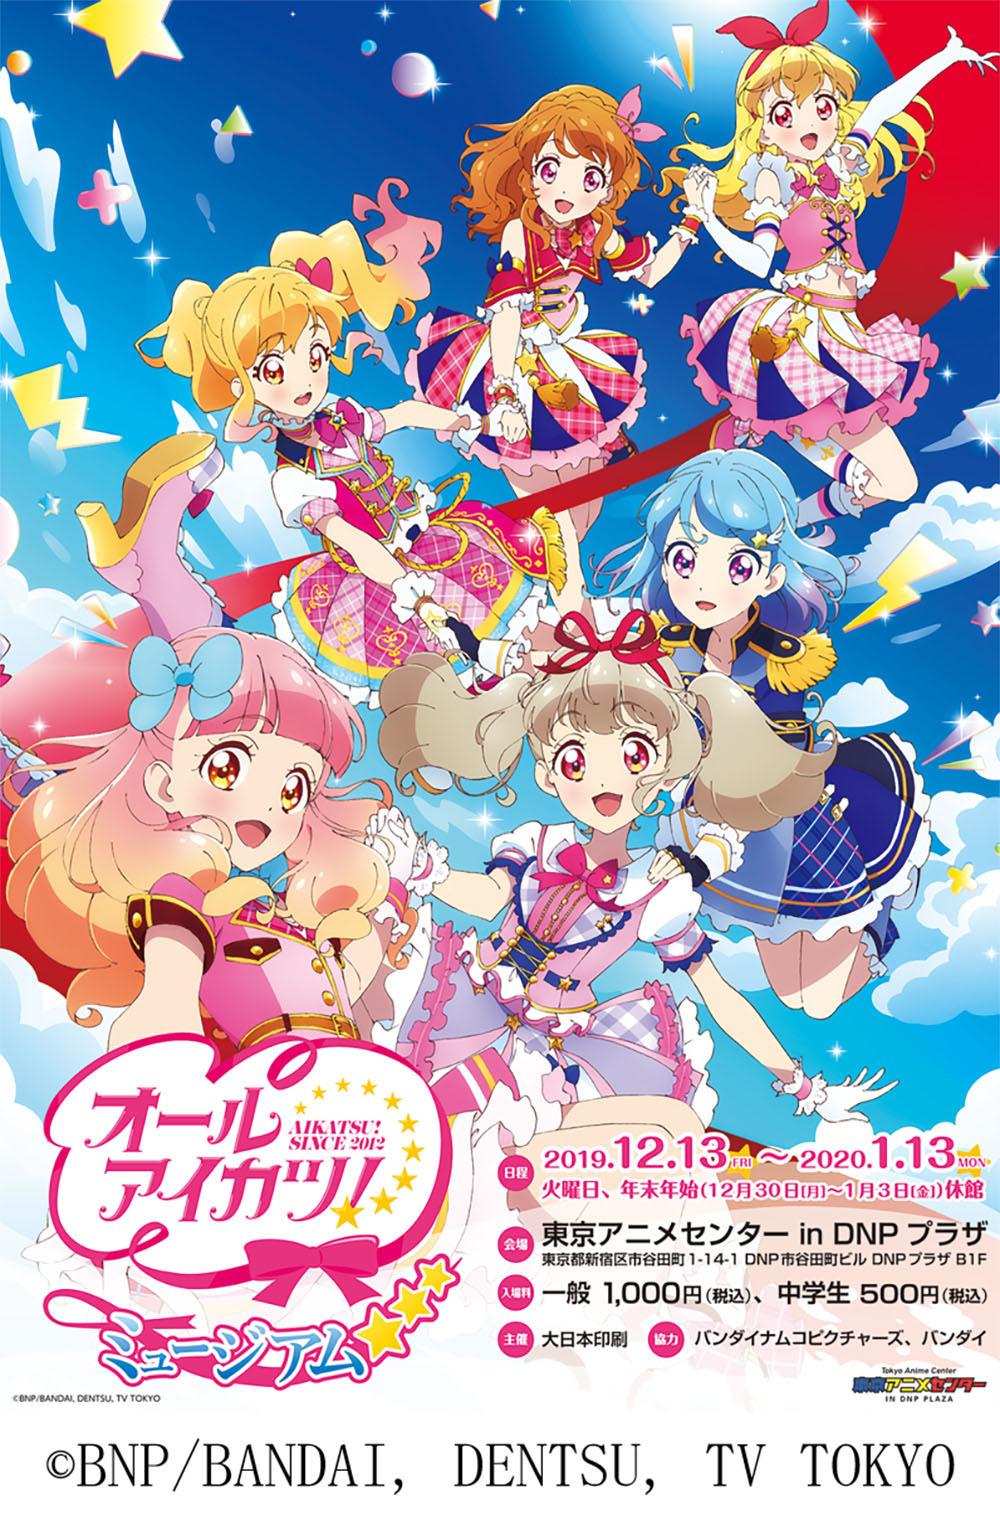 東京アニメセンター in DNP プラザで「アイカツ!シリーズ」の企画展が開催